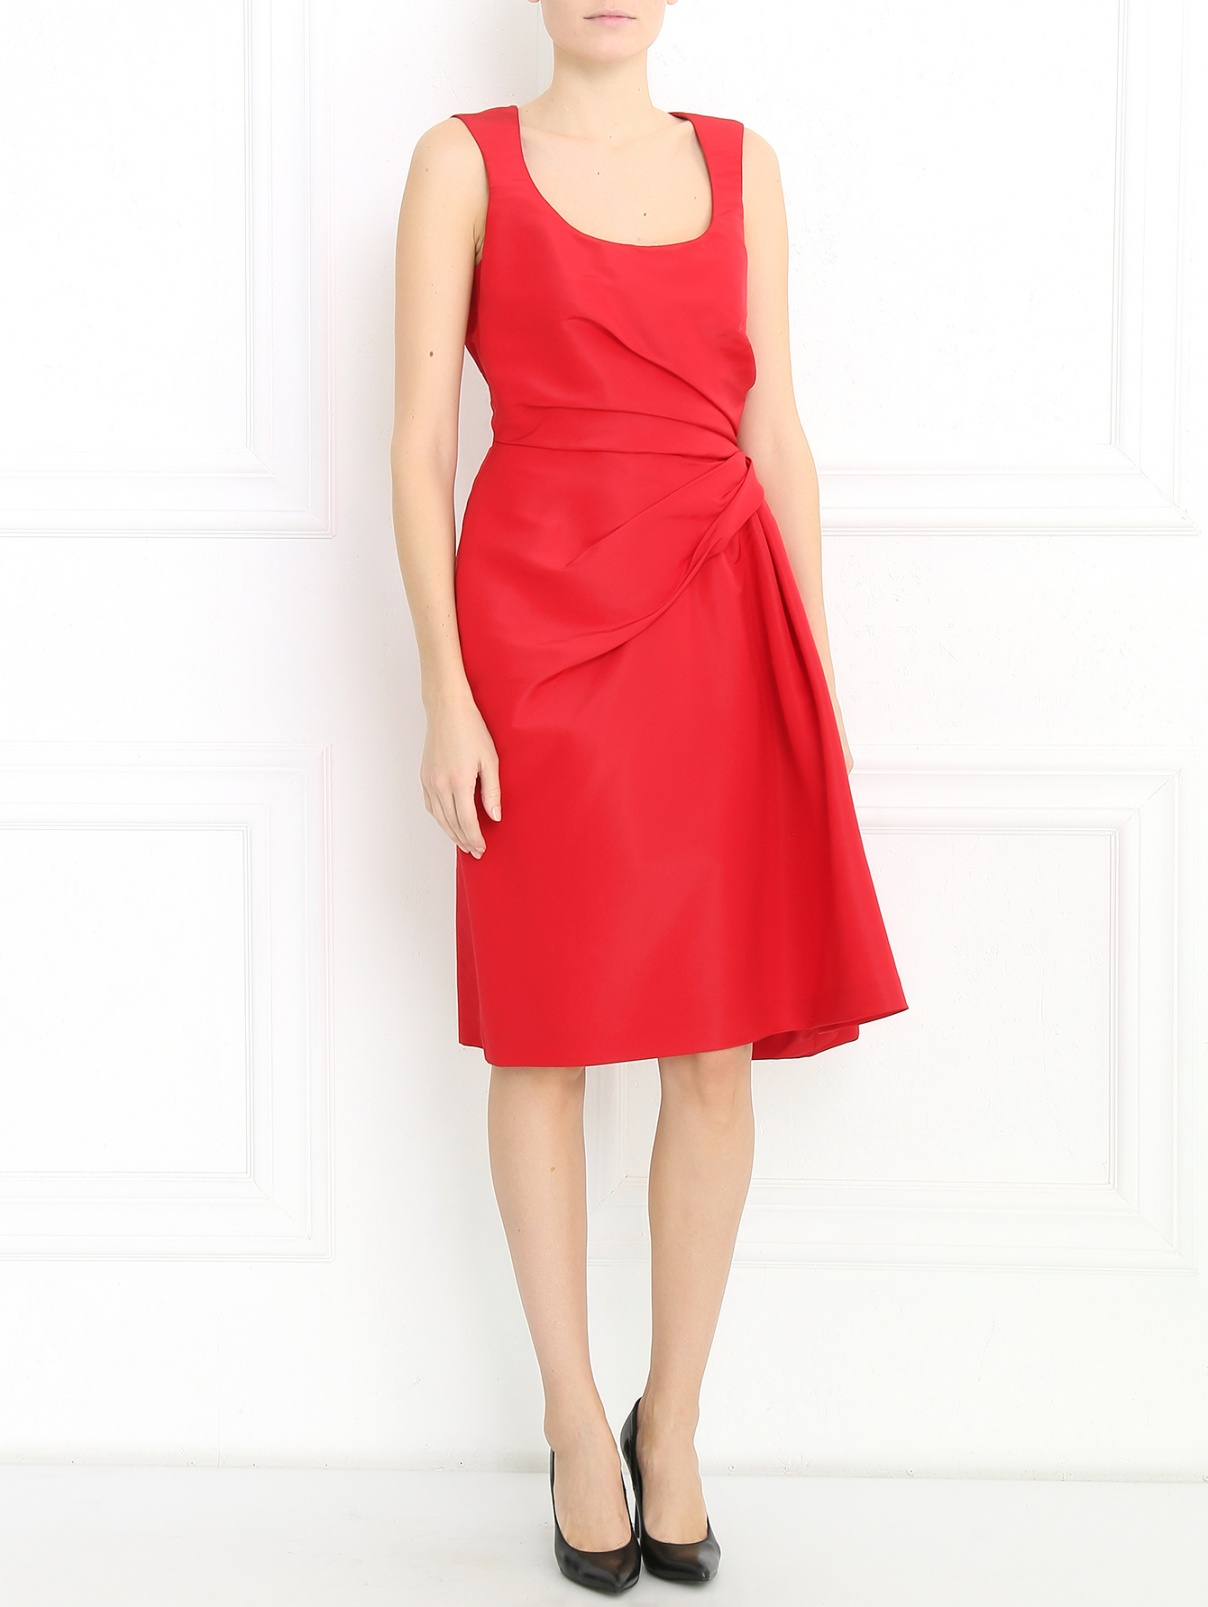 Платье-футляр из шелка с драпировкой Carolina Herrera  –  Модель Общий вид  – Цвет:  Красный